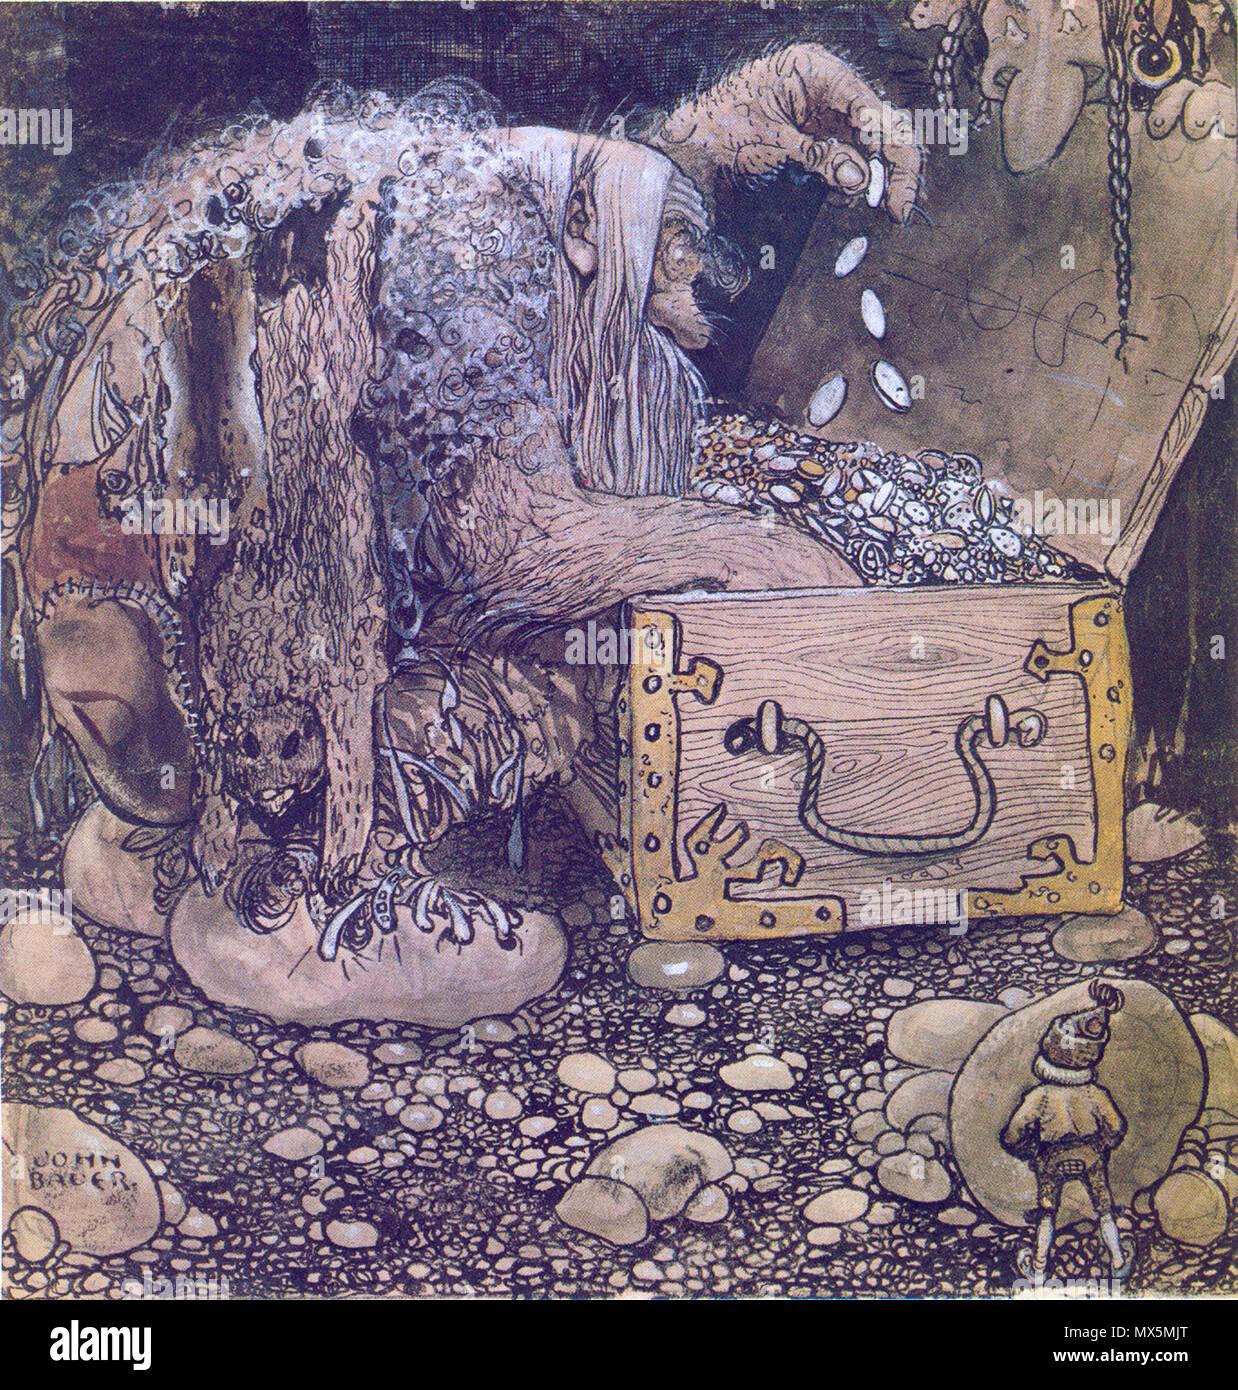 421 Mitt på golvet stod en öppen kista och sutto två förskräckliga troll - Stock Image